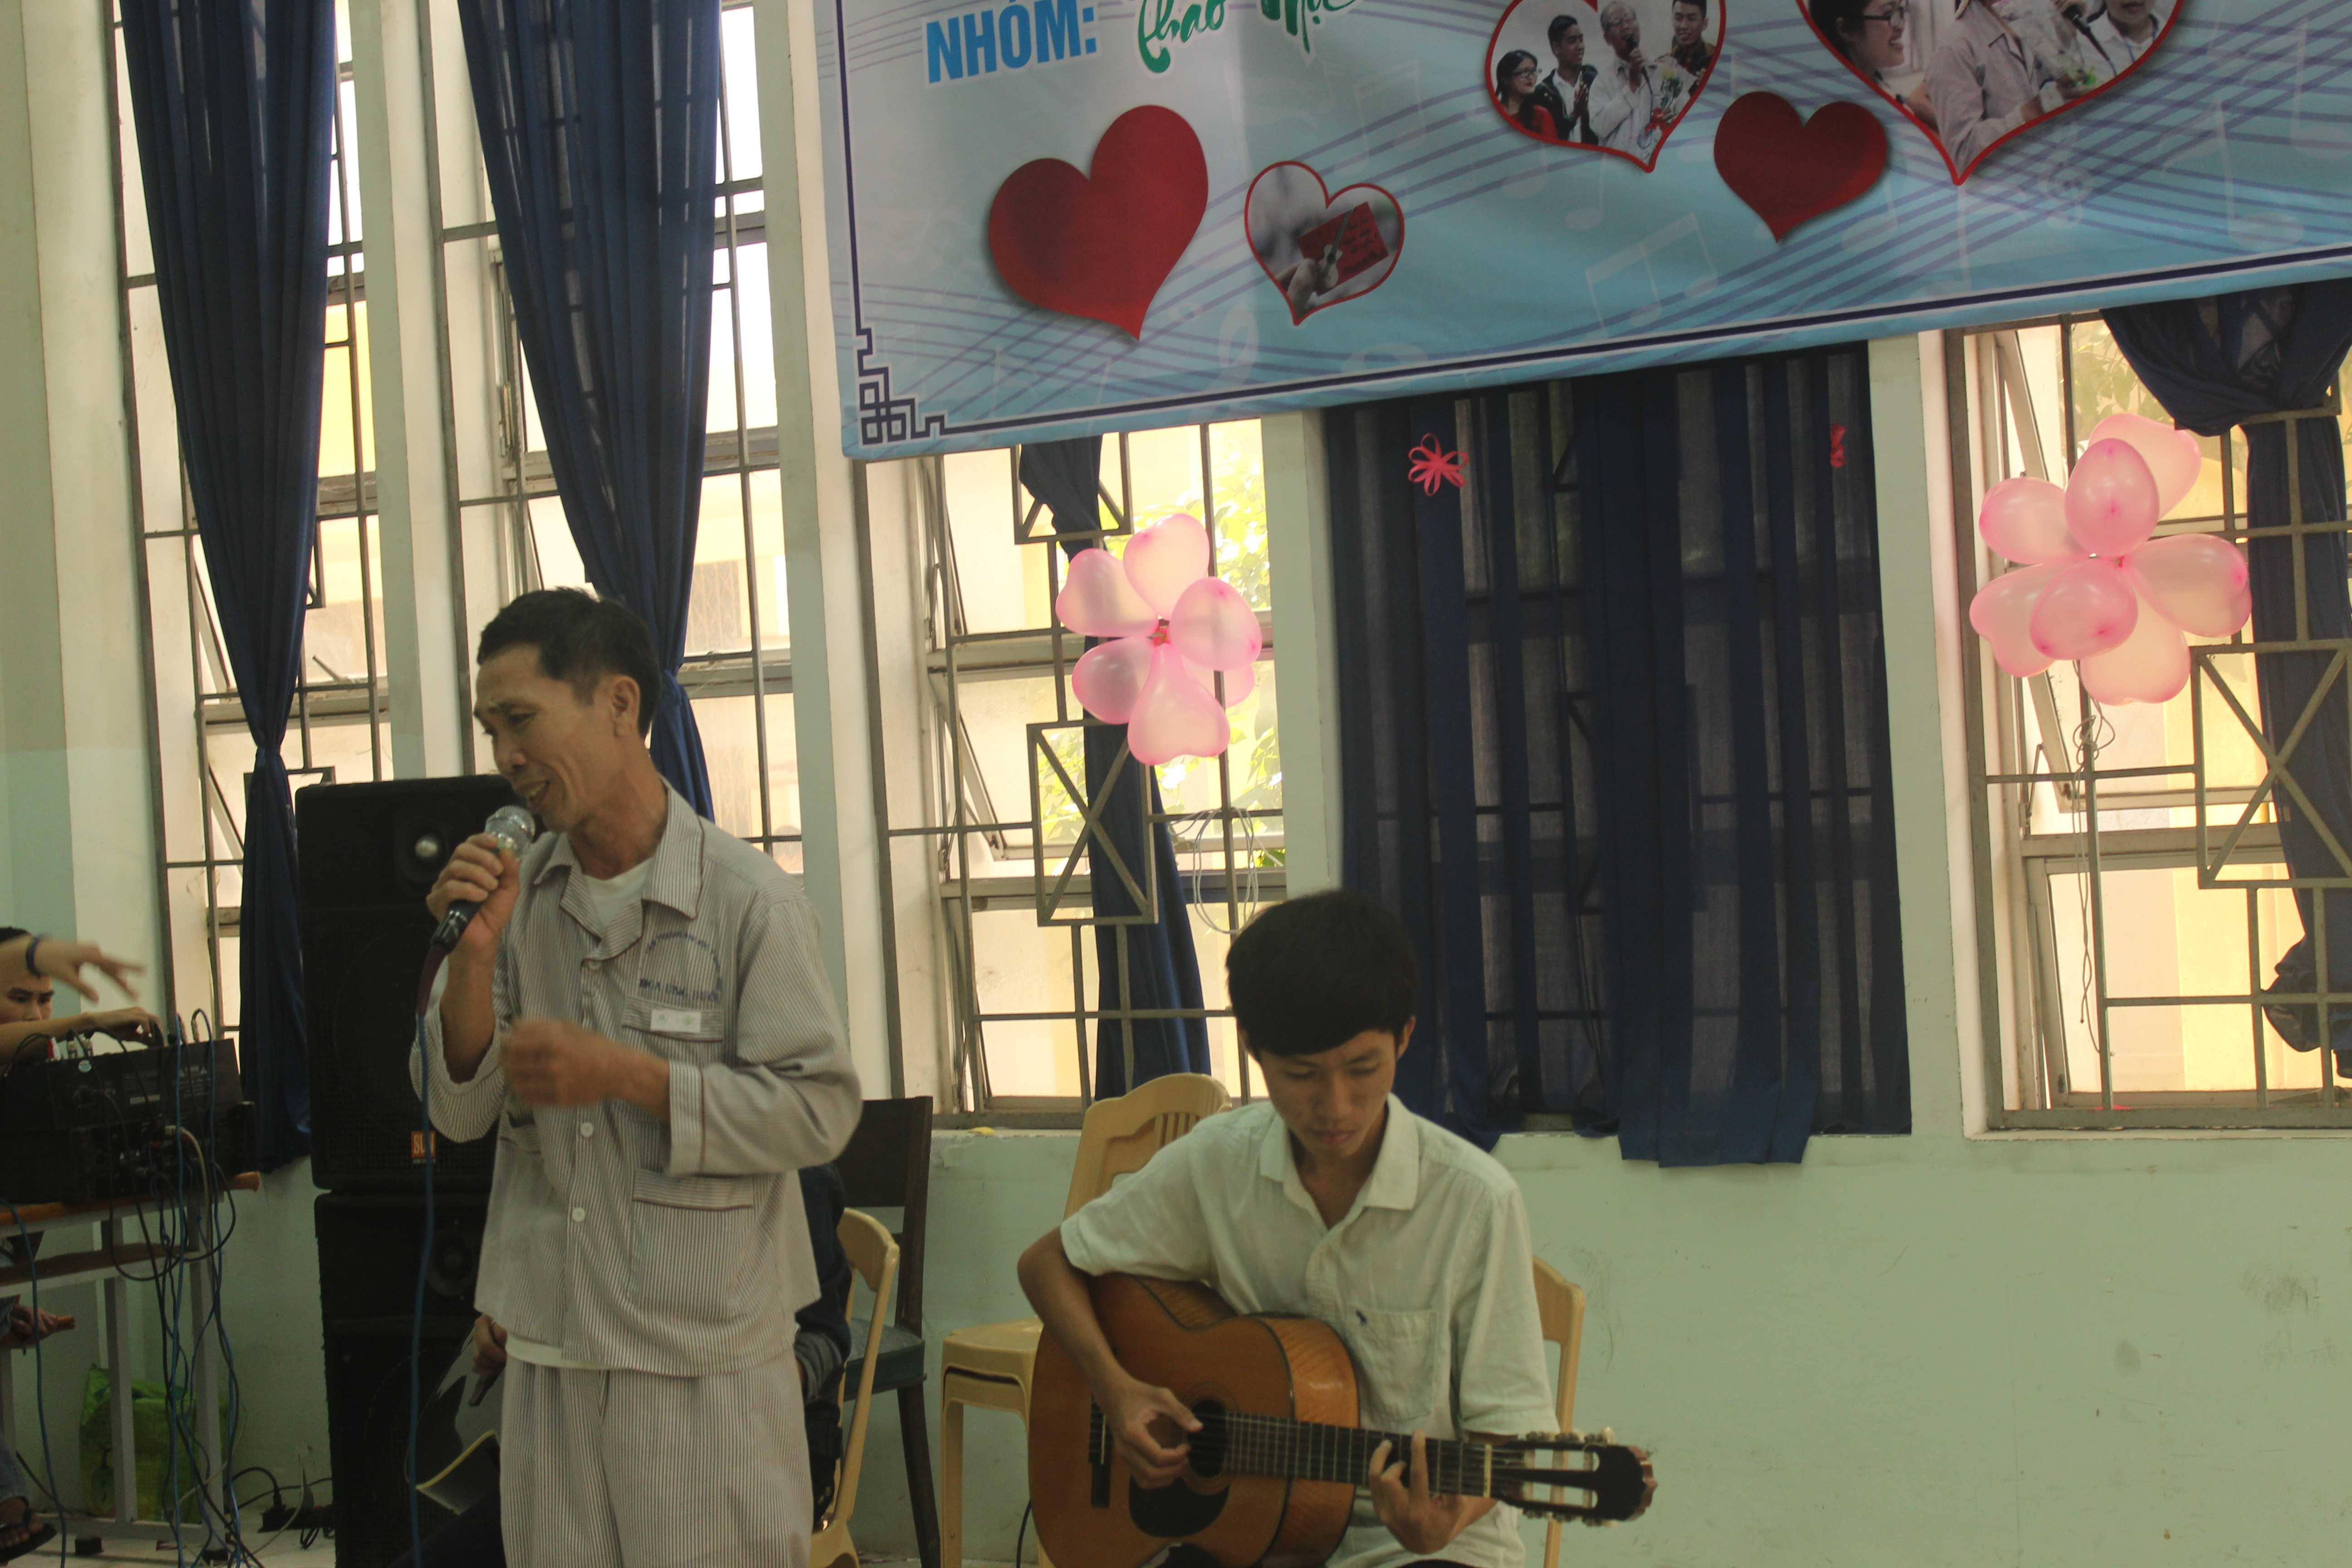 Với Một bức tranh - Nhiều hi vọng những bệnh nhân ung thư sẽ được hát cho nhau nghe chia sẻ cho nhau những kinh nghiệm sống vui, sống khỏe, chống chọi với bệnh tật.